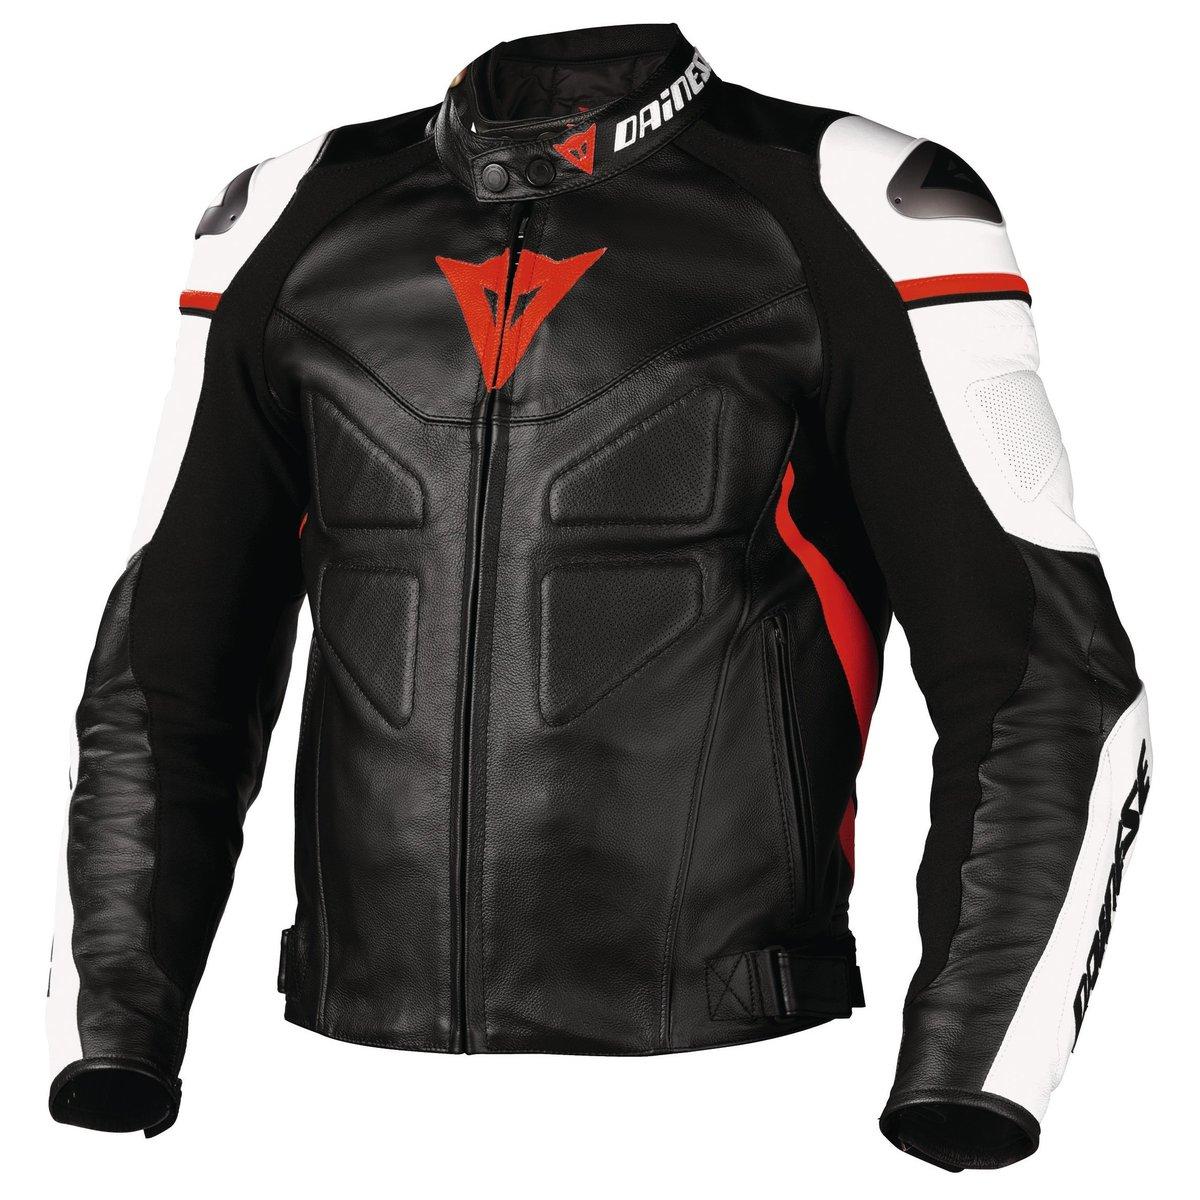 Высокое качество с доспехи мотоциклетная куртка